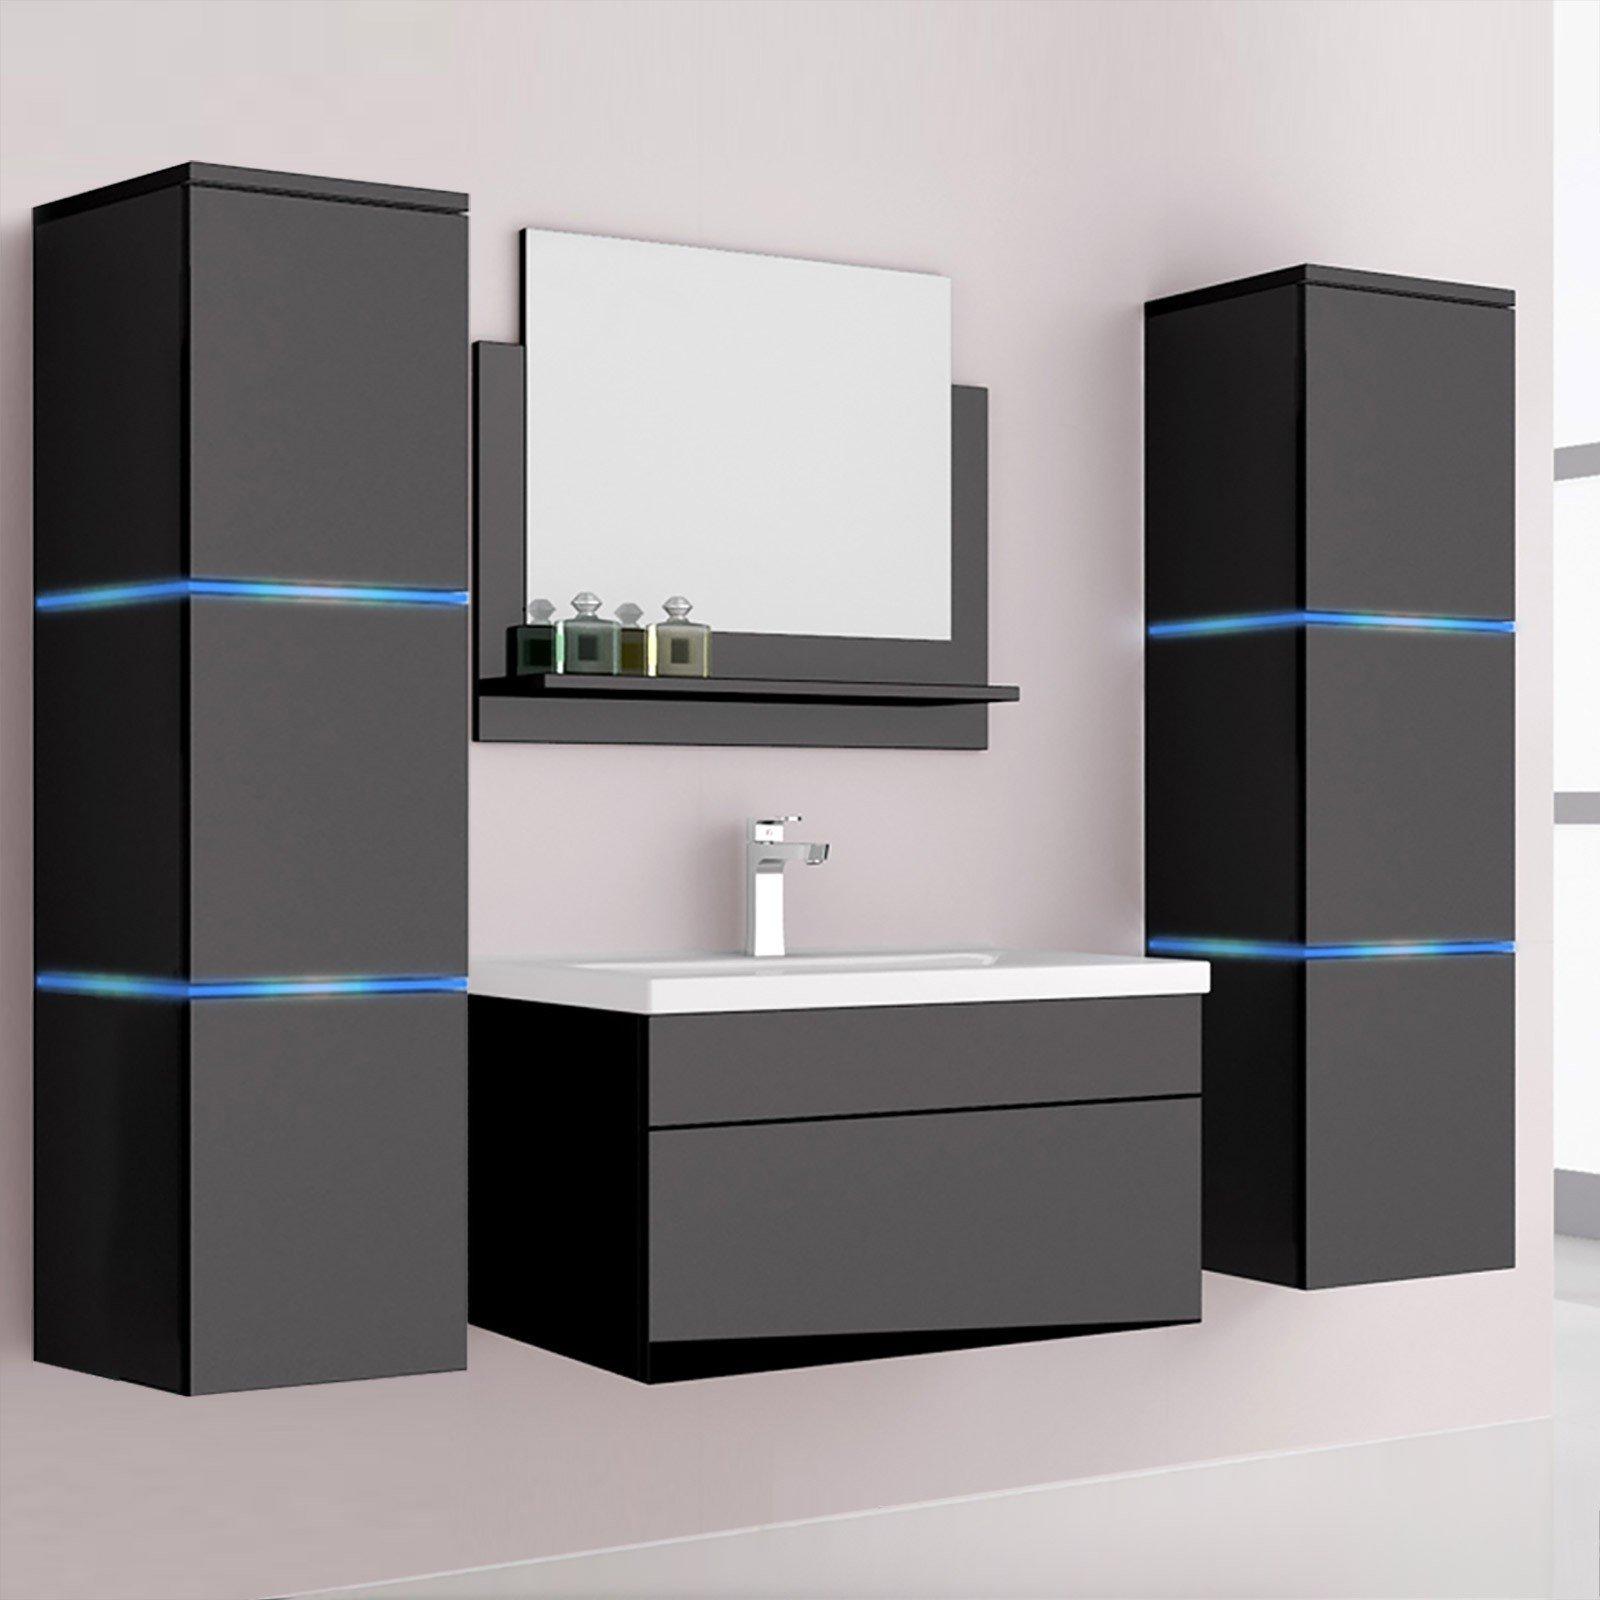 Mueble Baño Wangerouge XL-Negro Luces Led